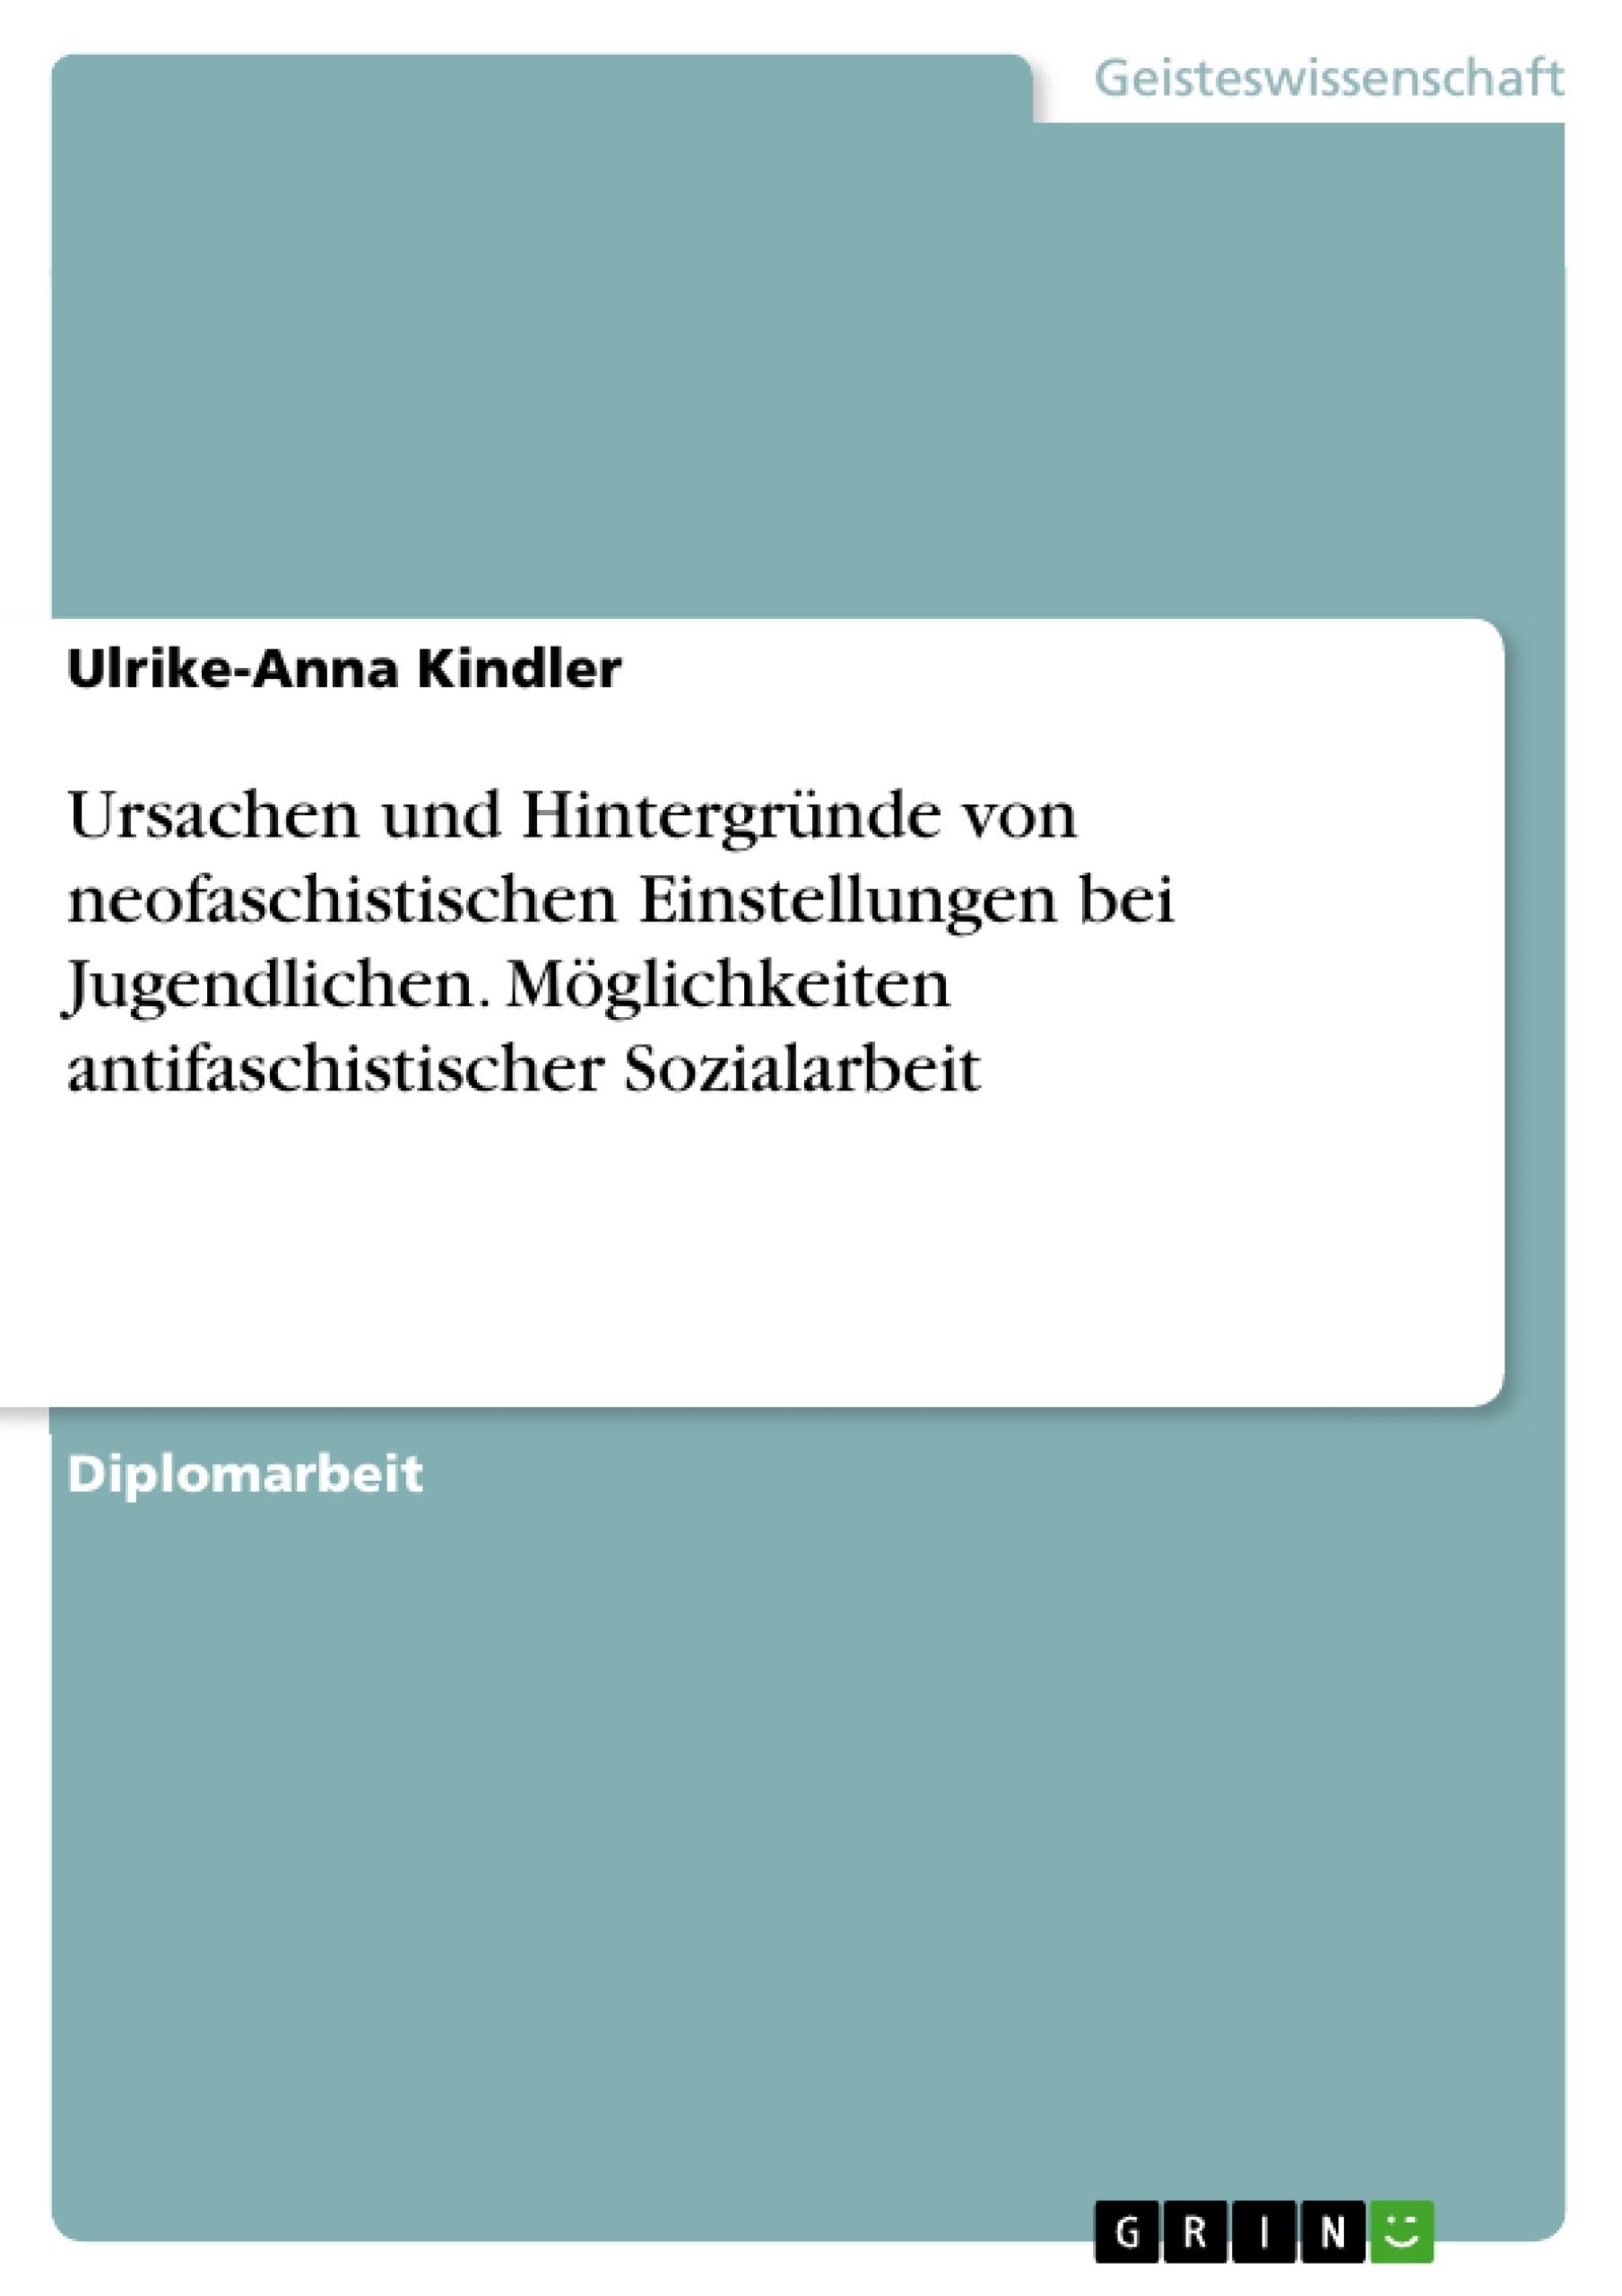 Titel: Ursachen und Hintergründe von neofaschistischen Einstellungen bei Jugendlichen. Möglichkeiten antifaschistischer Sozialarbeit